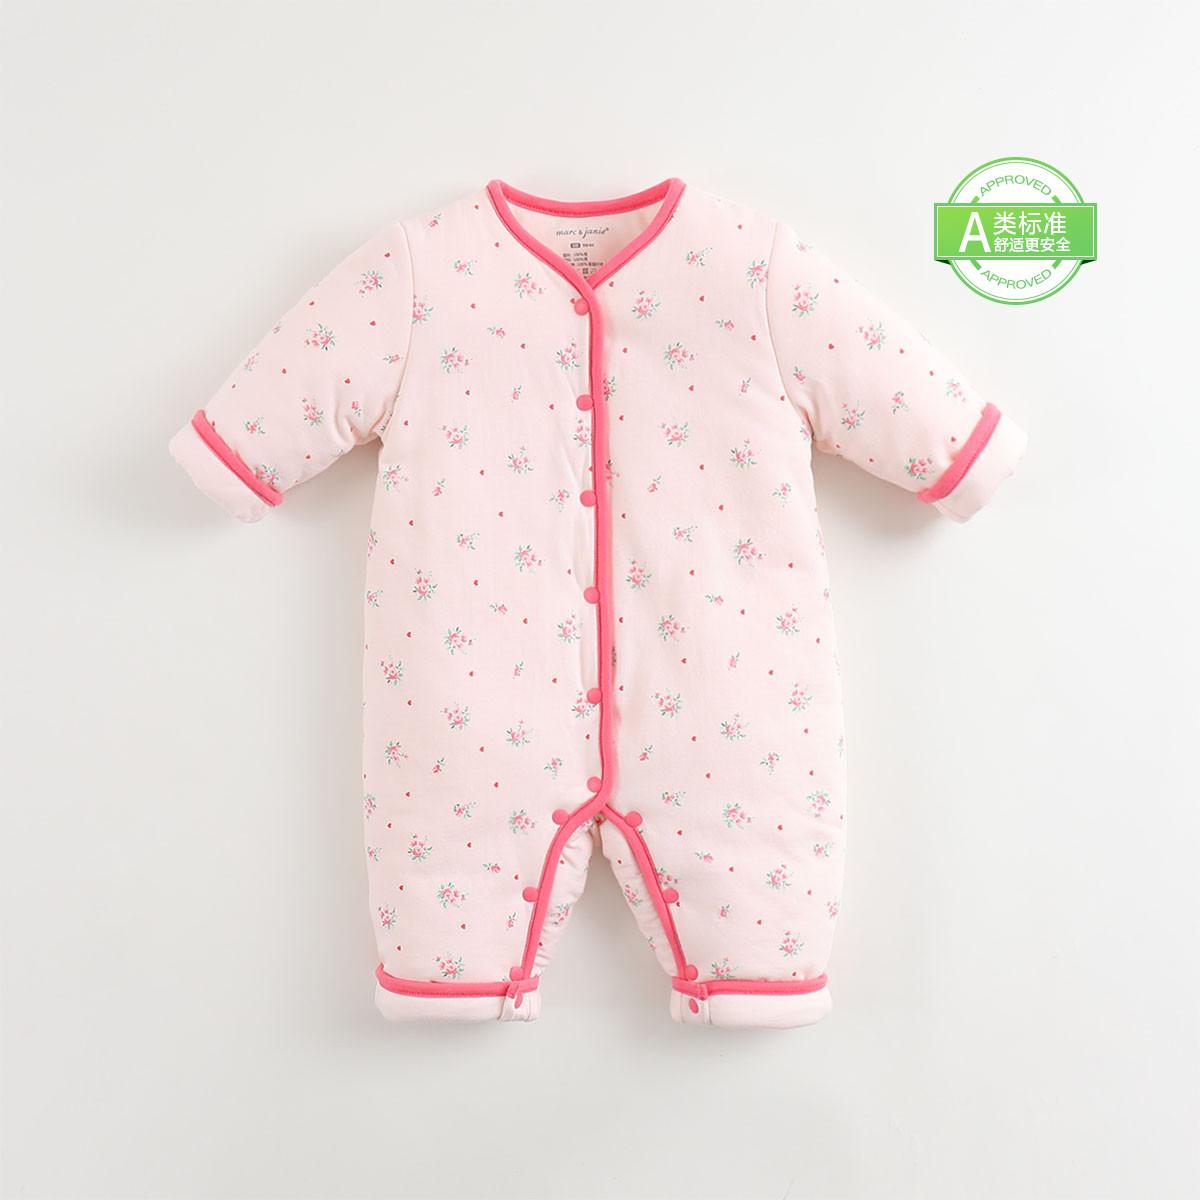 【保暖杜邦棉】马克珍妮冬装婴装连体衣新生儿宝宝保暖棉衣